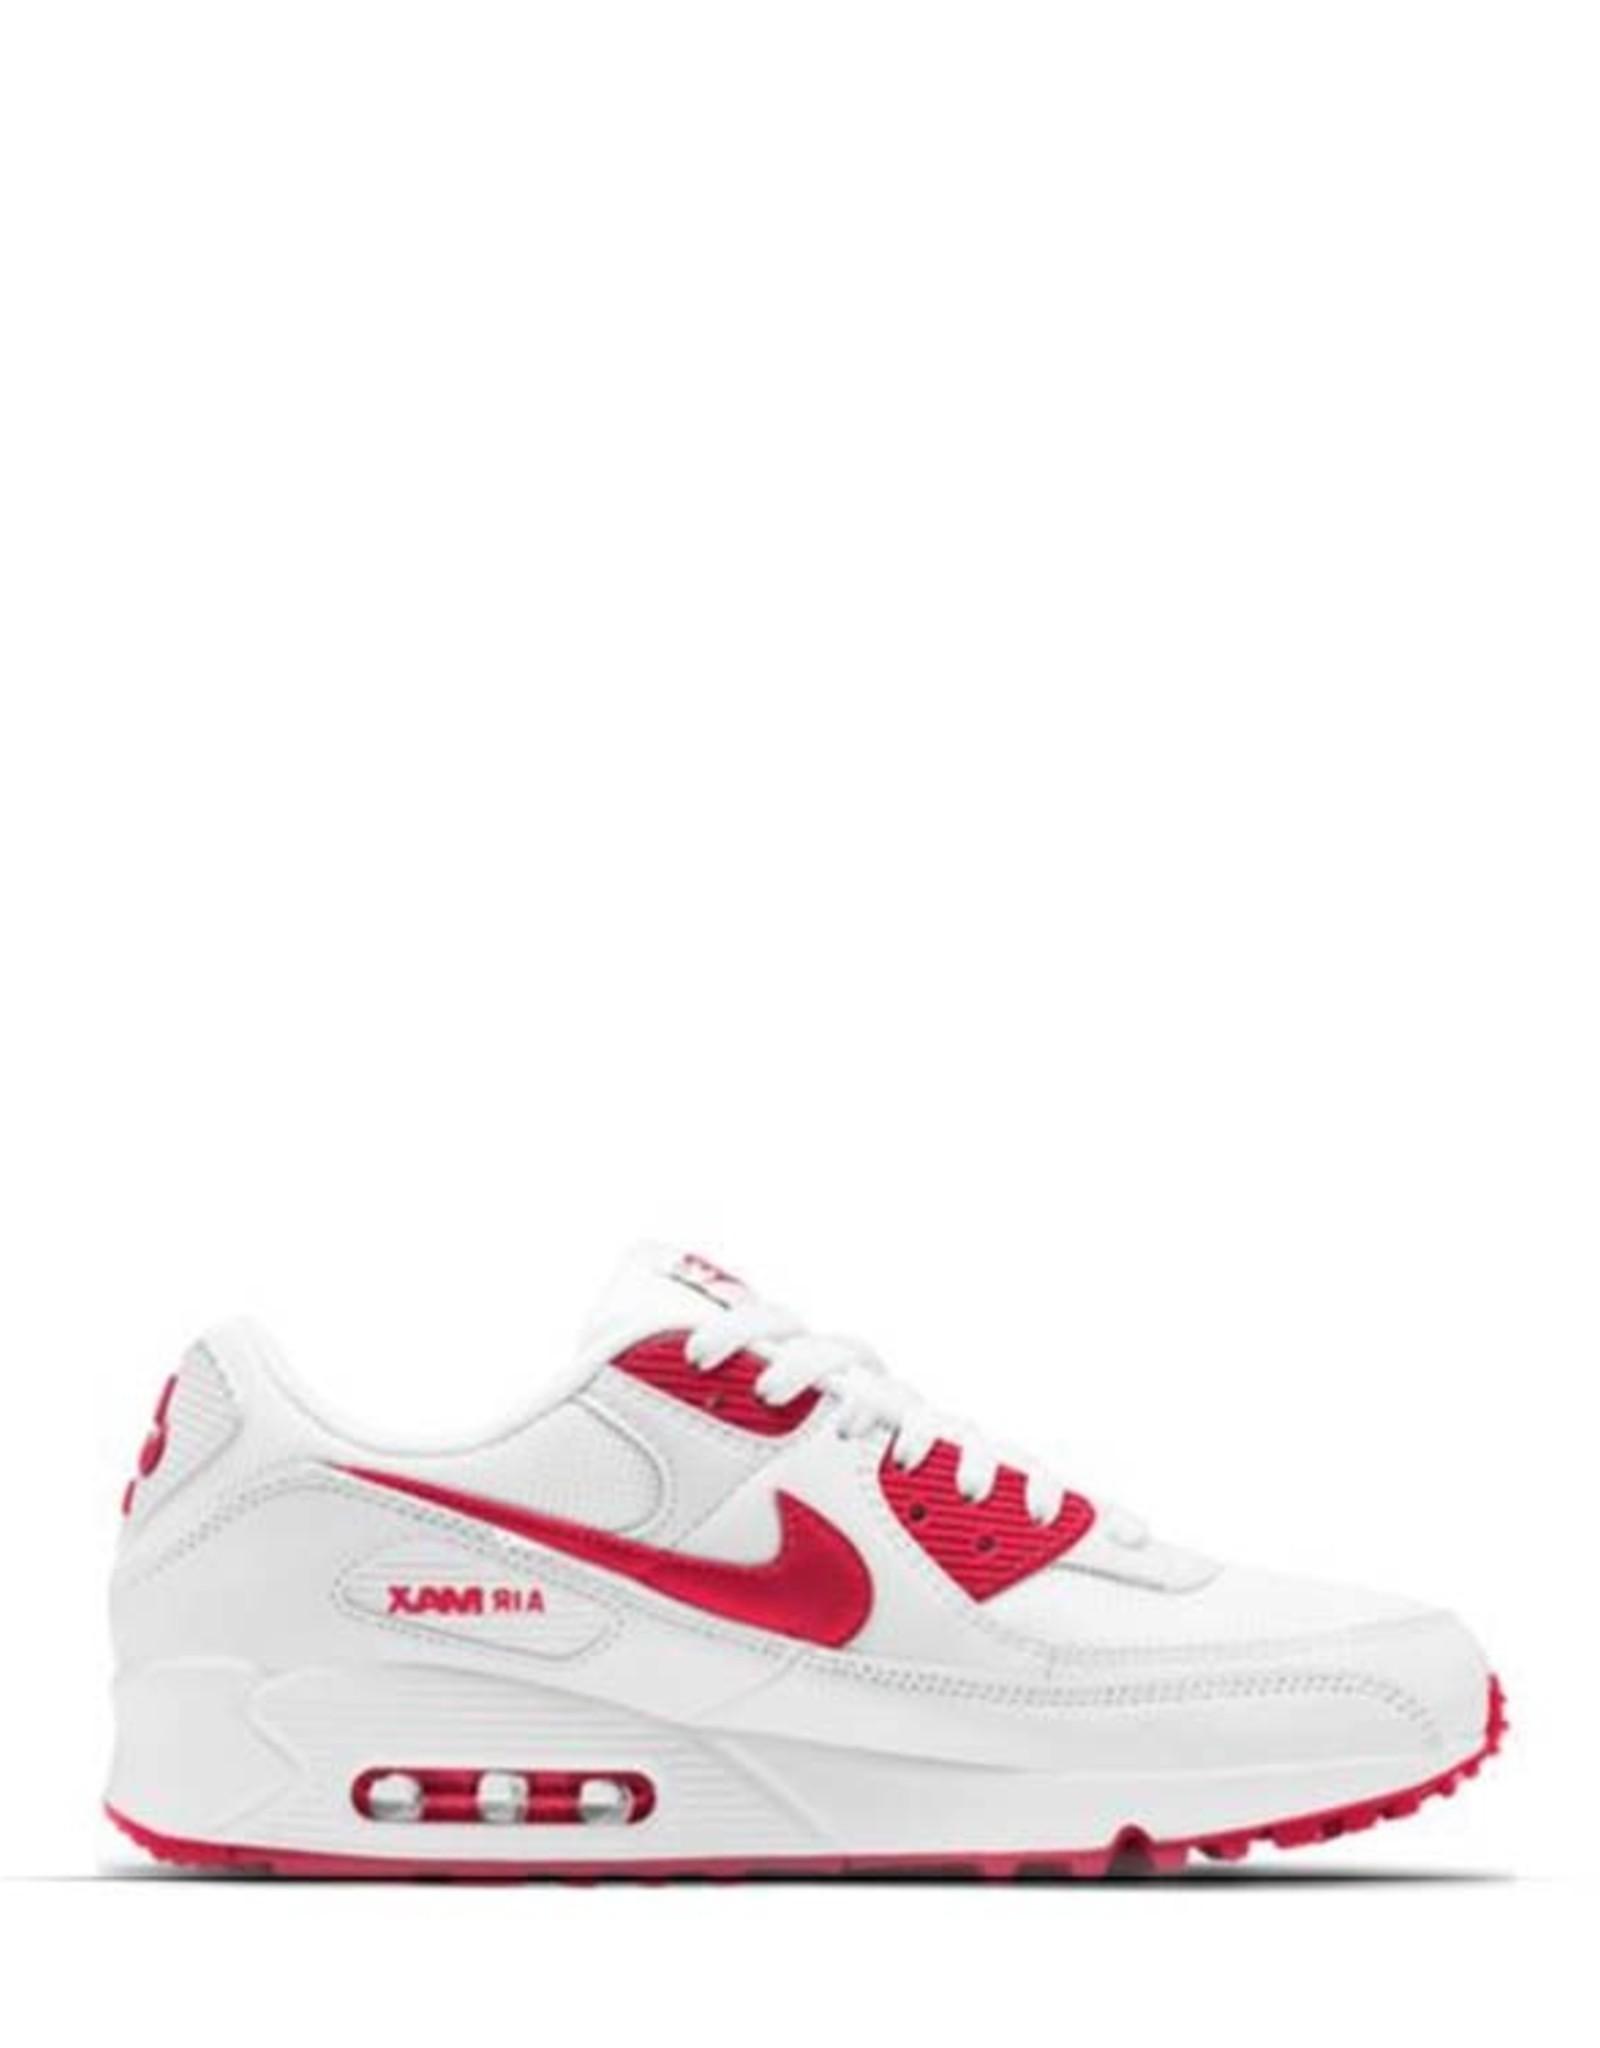 NIKE  AIR MAX 90 WHITE/HYPER RED